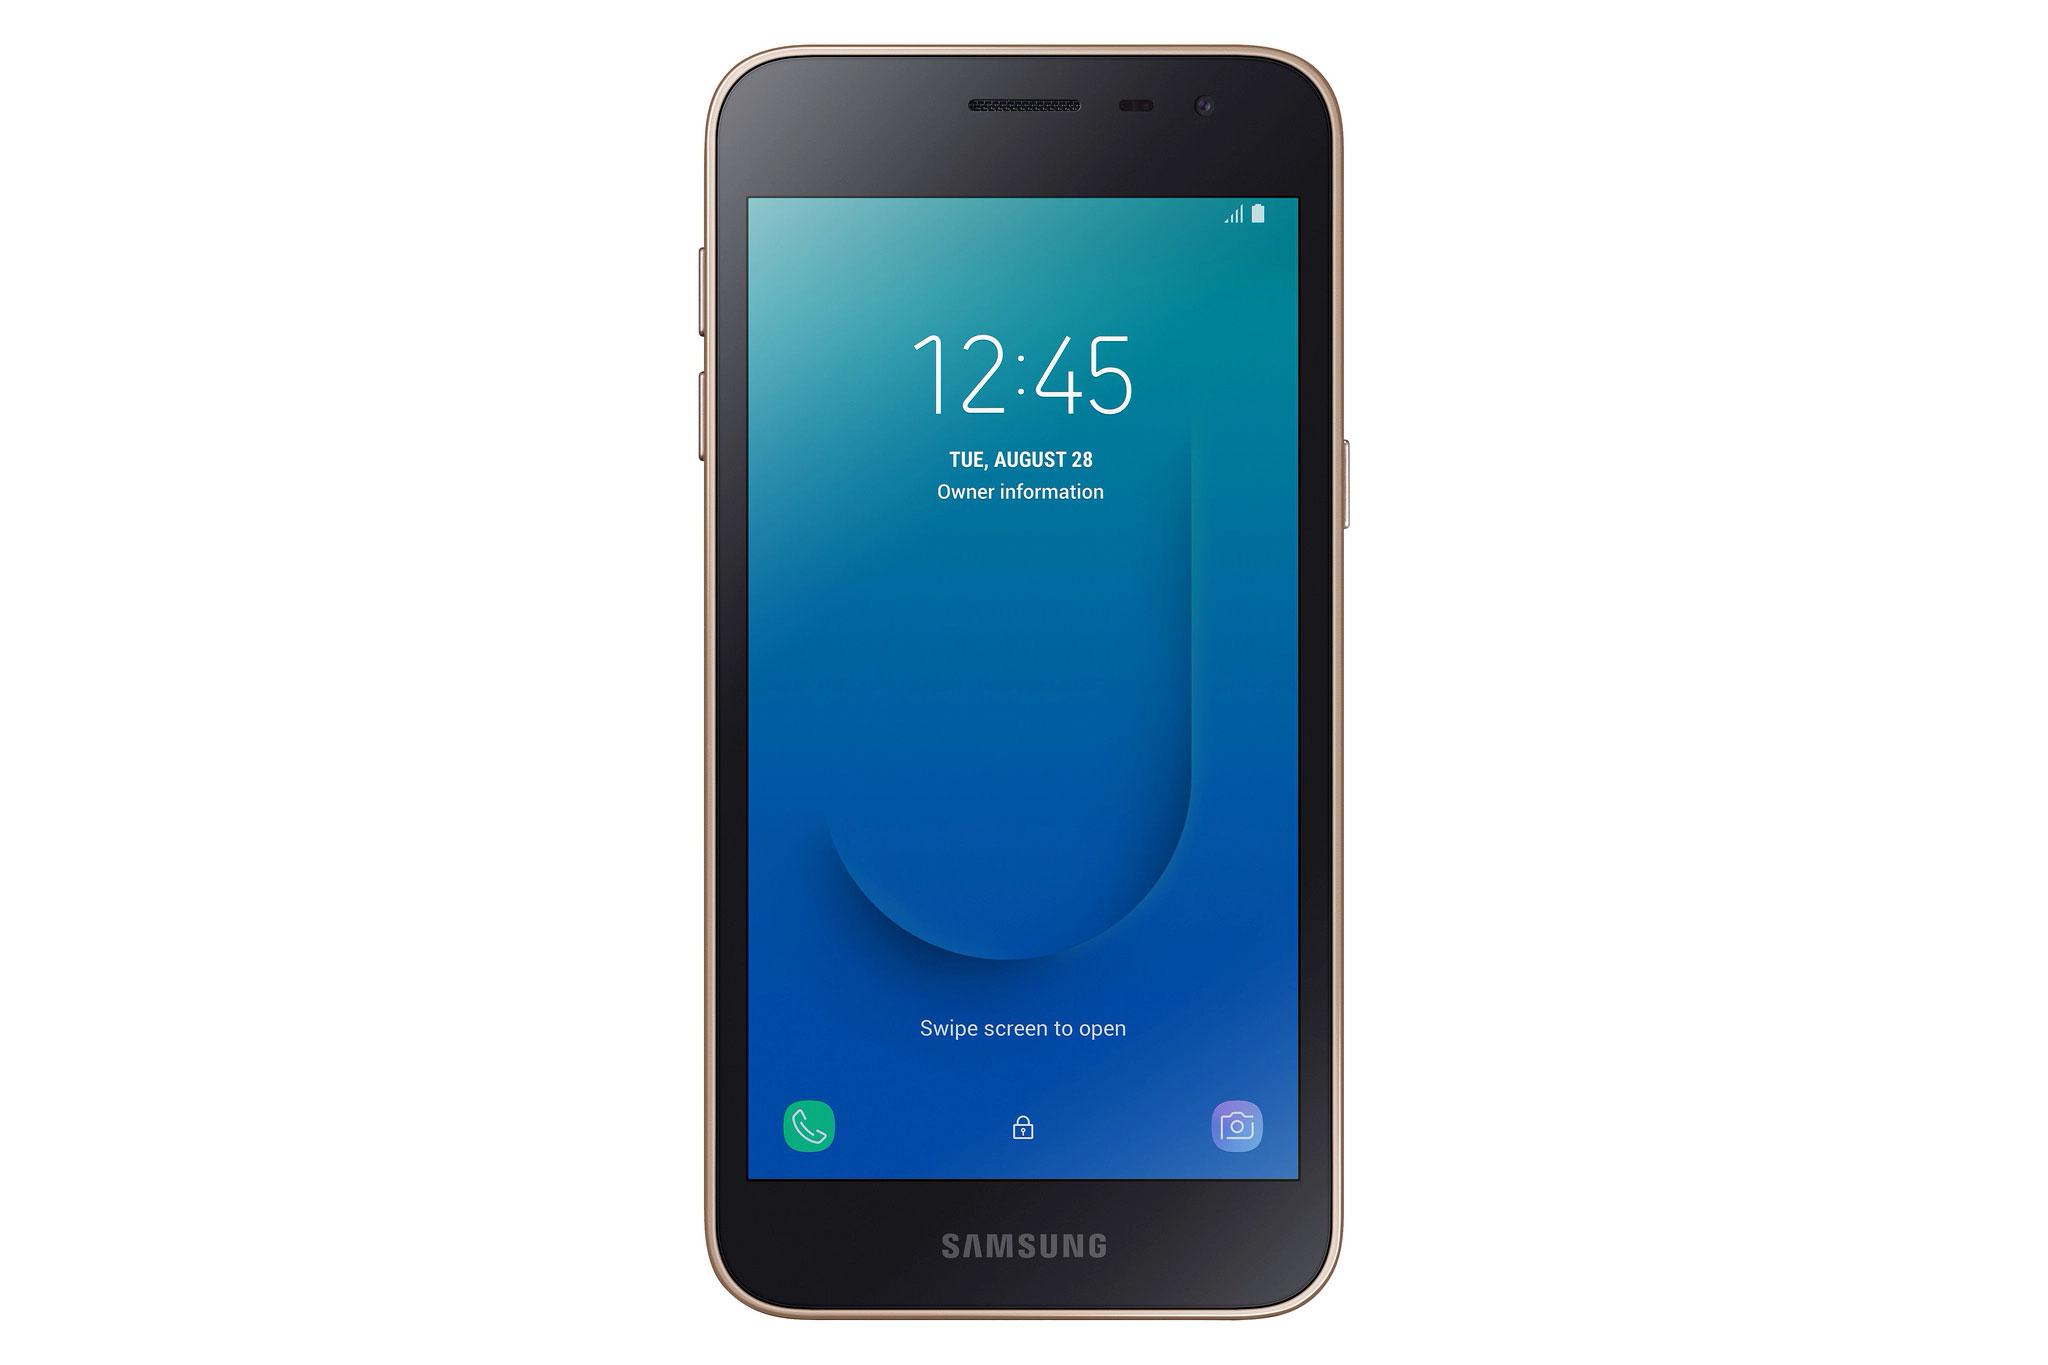 گلکسی جی 2 کر (Galaxy J2 Core) اولین موبایل اندروید Go سامسونگ رسما معرفی شد